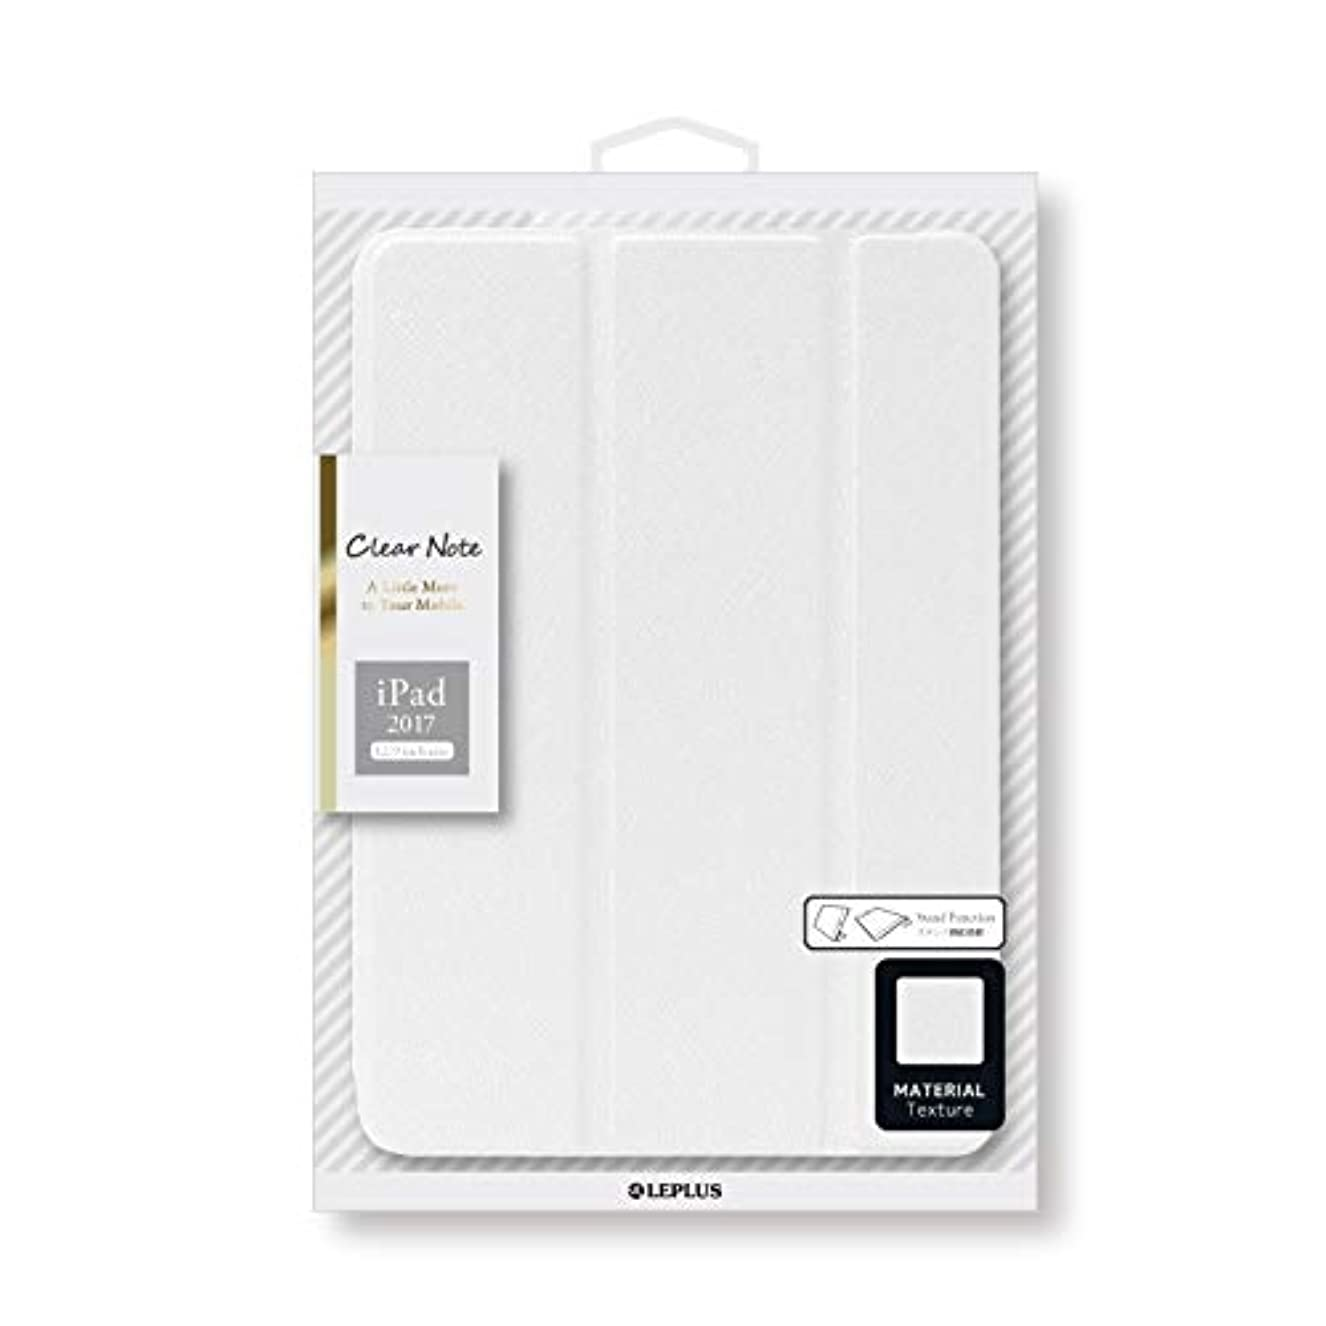 開始挨拶エゴイズムiPad Pro 12.9inch/iPad Pro 背面クリアフラップケース 「Clear Note」 ホワイト